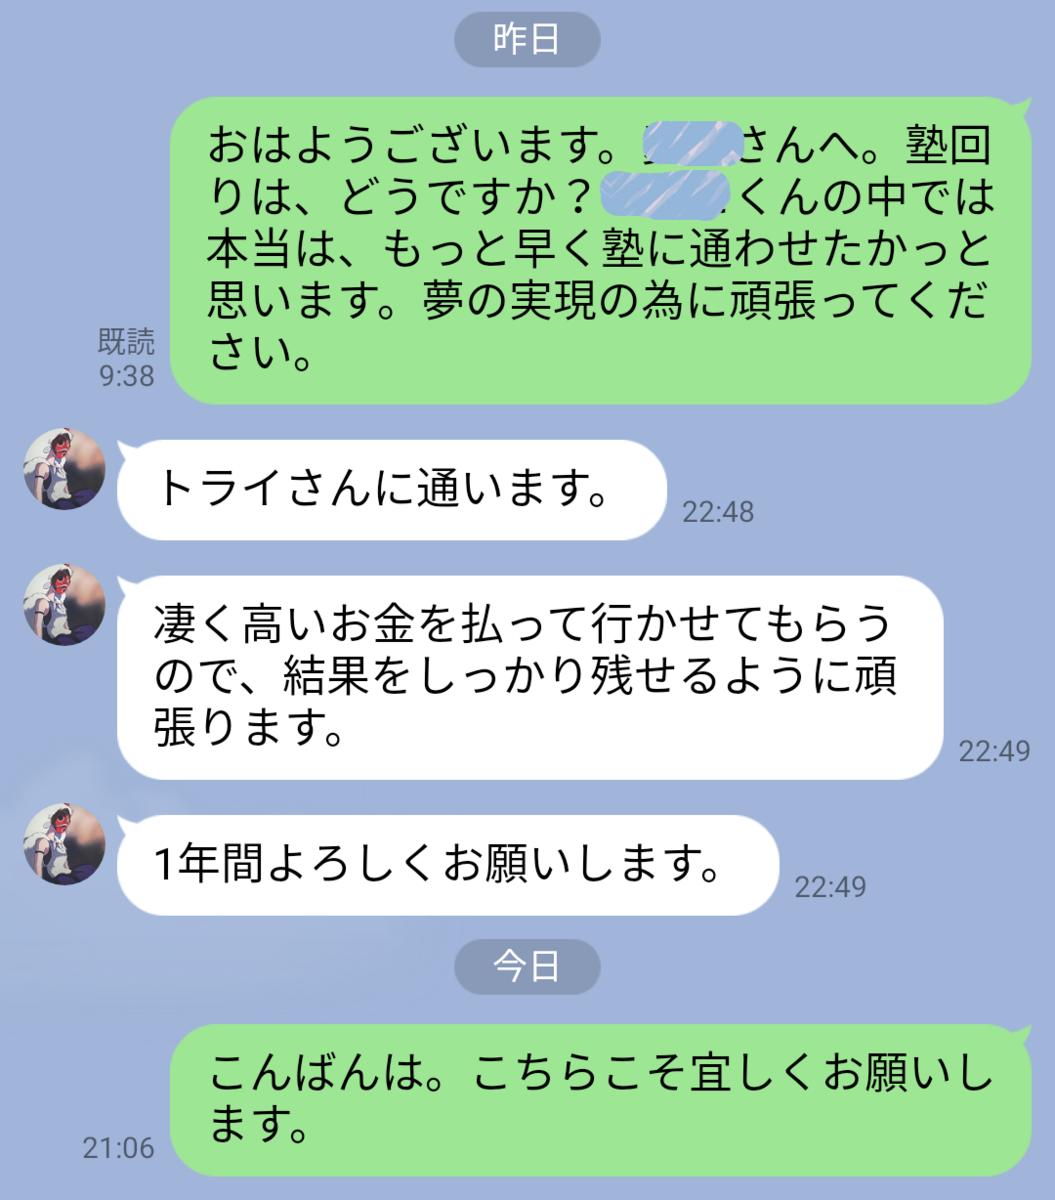 f:id:hunnwariyuki:20210711202305p:plain